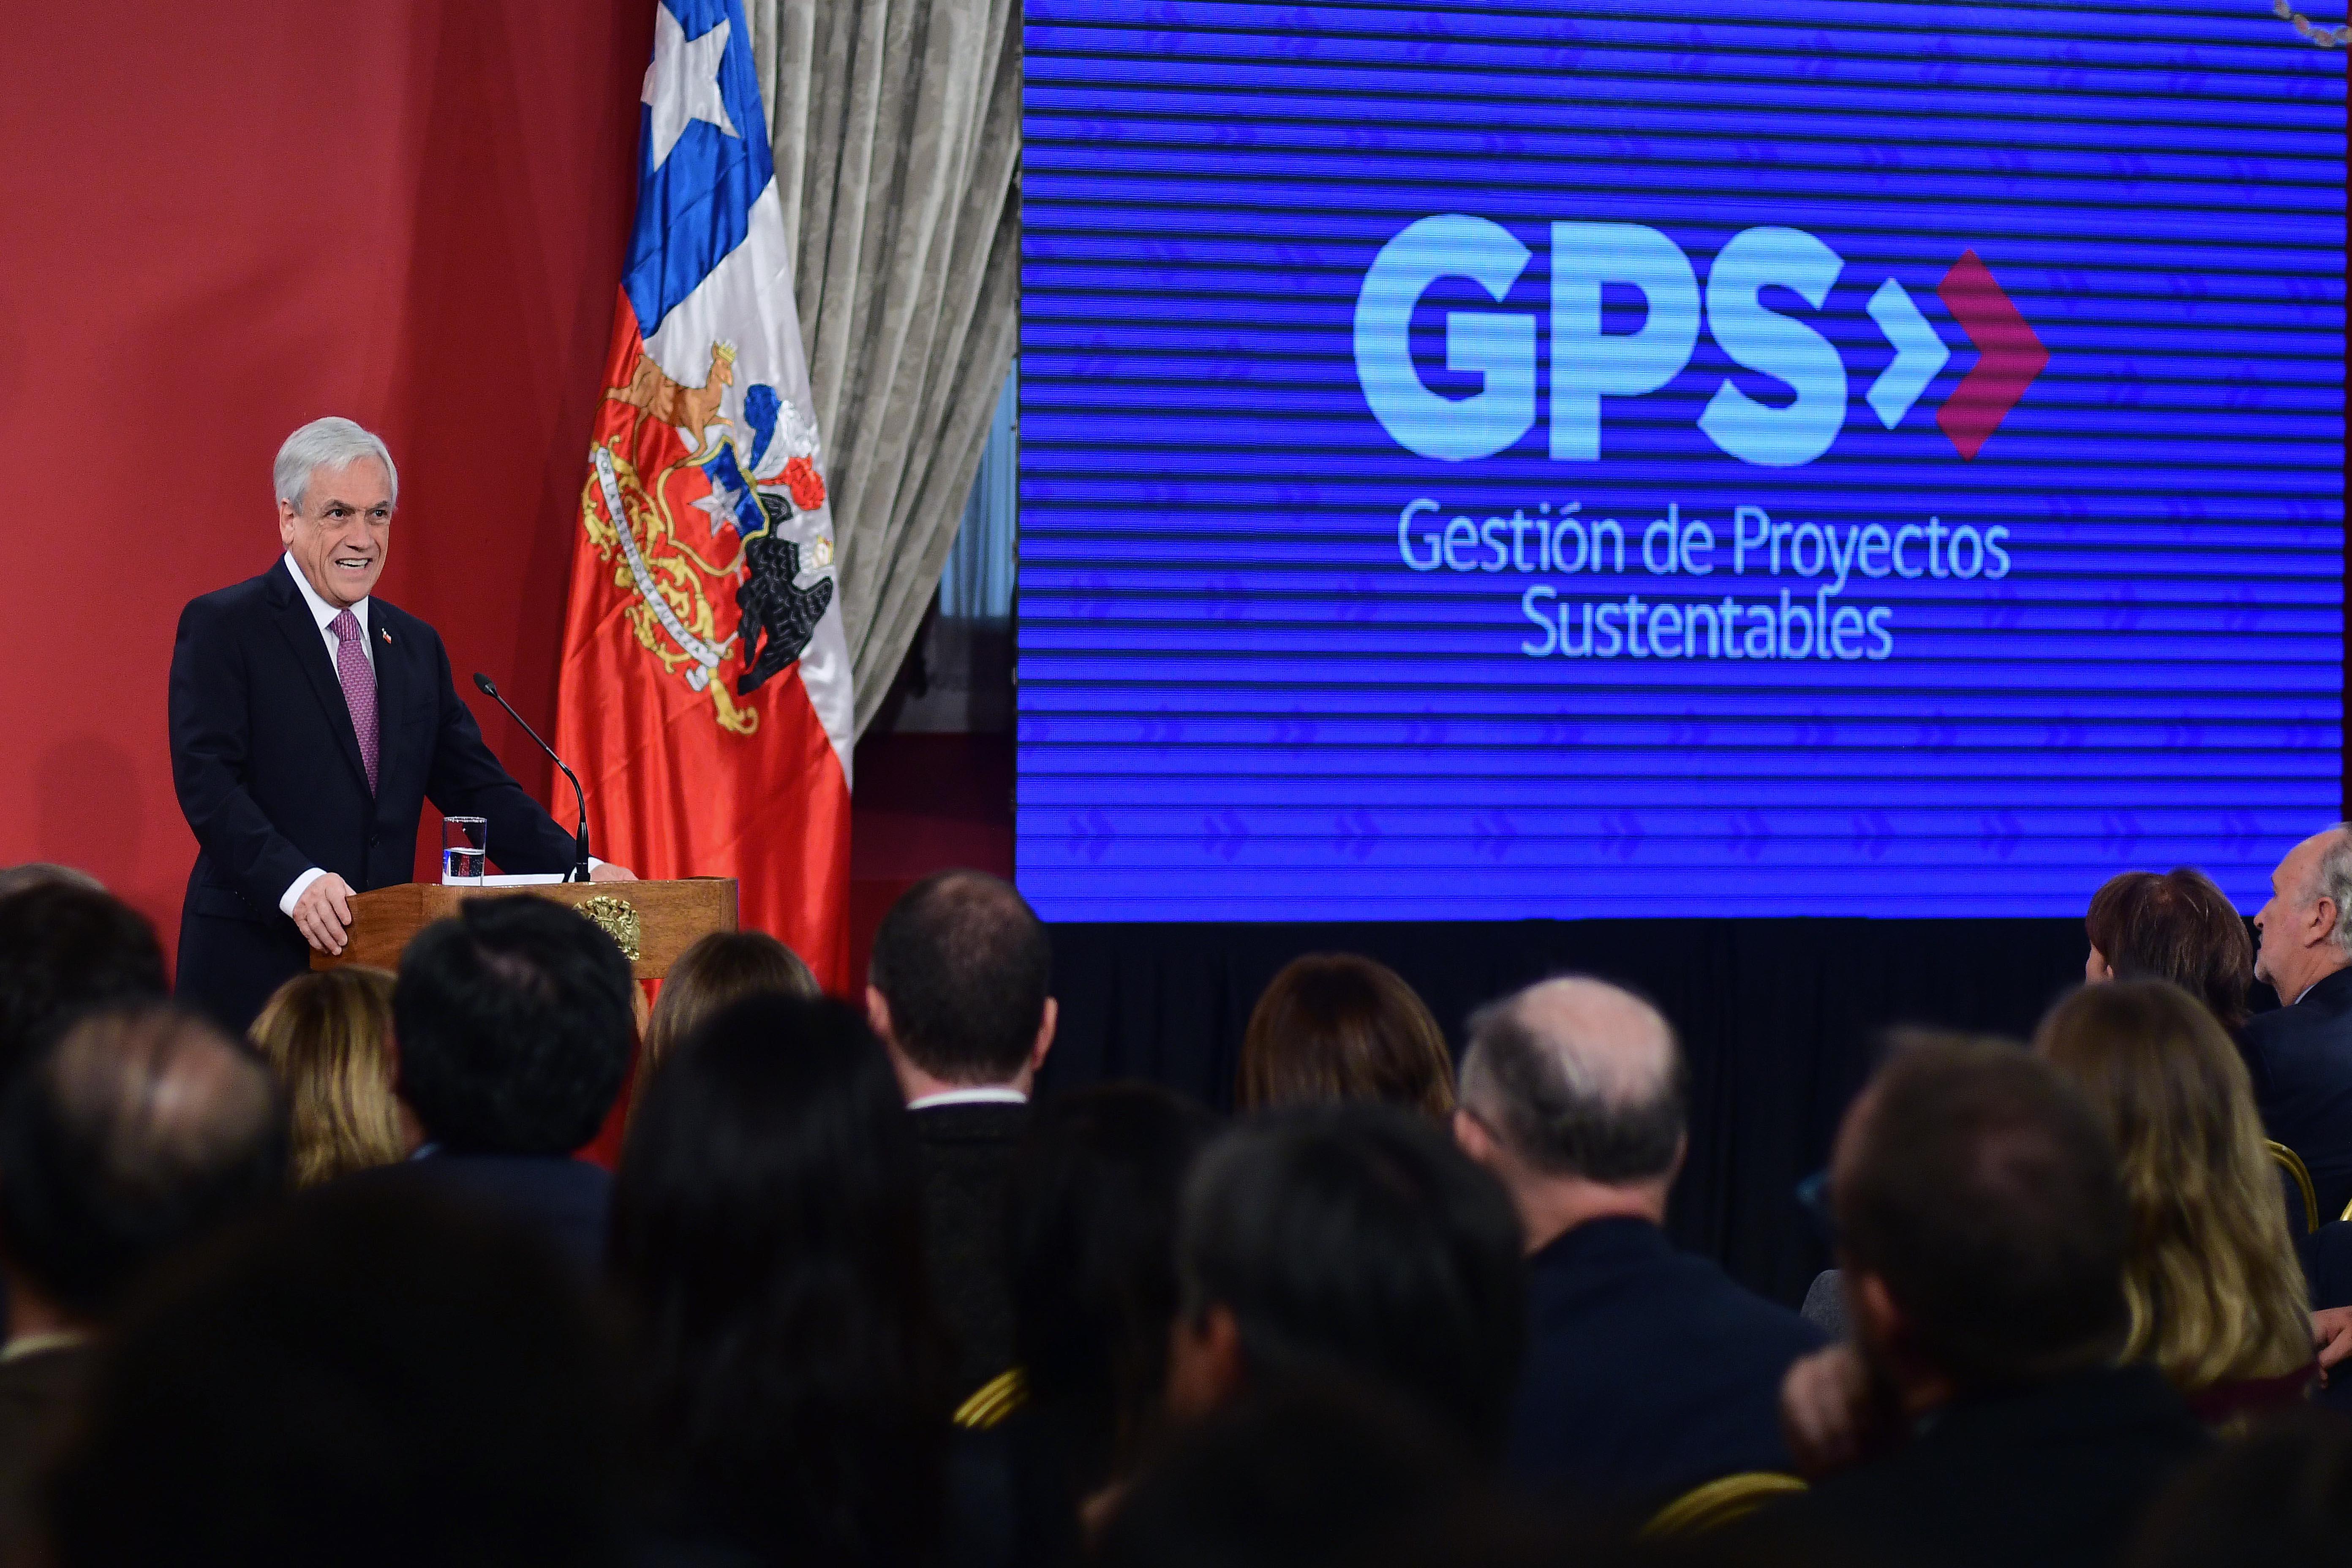 Piñera lanza agenda pro inversión y anuncia una Oficina de Gestión de Proyectos Sustentable